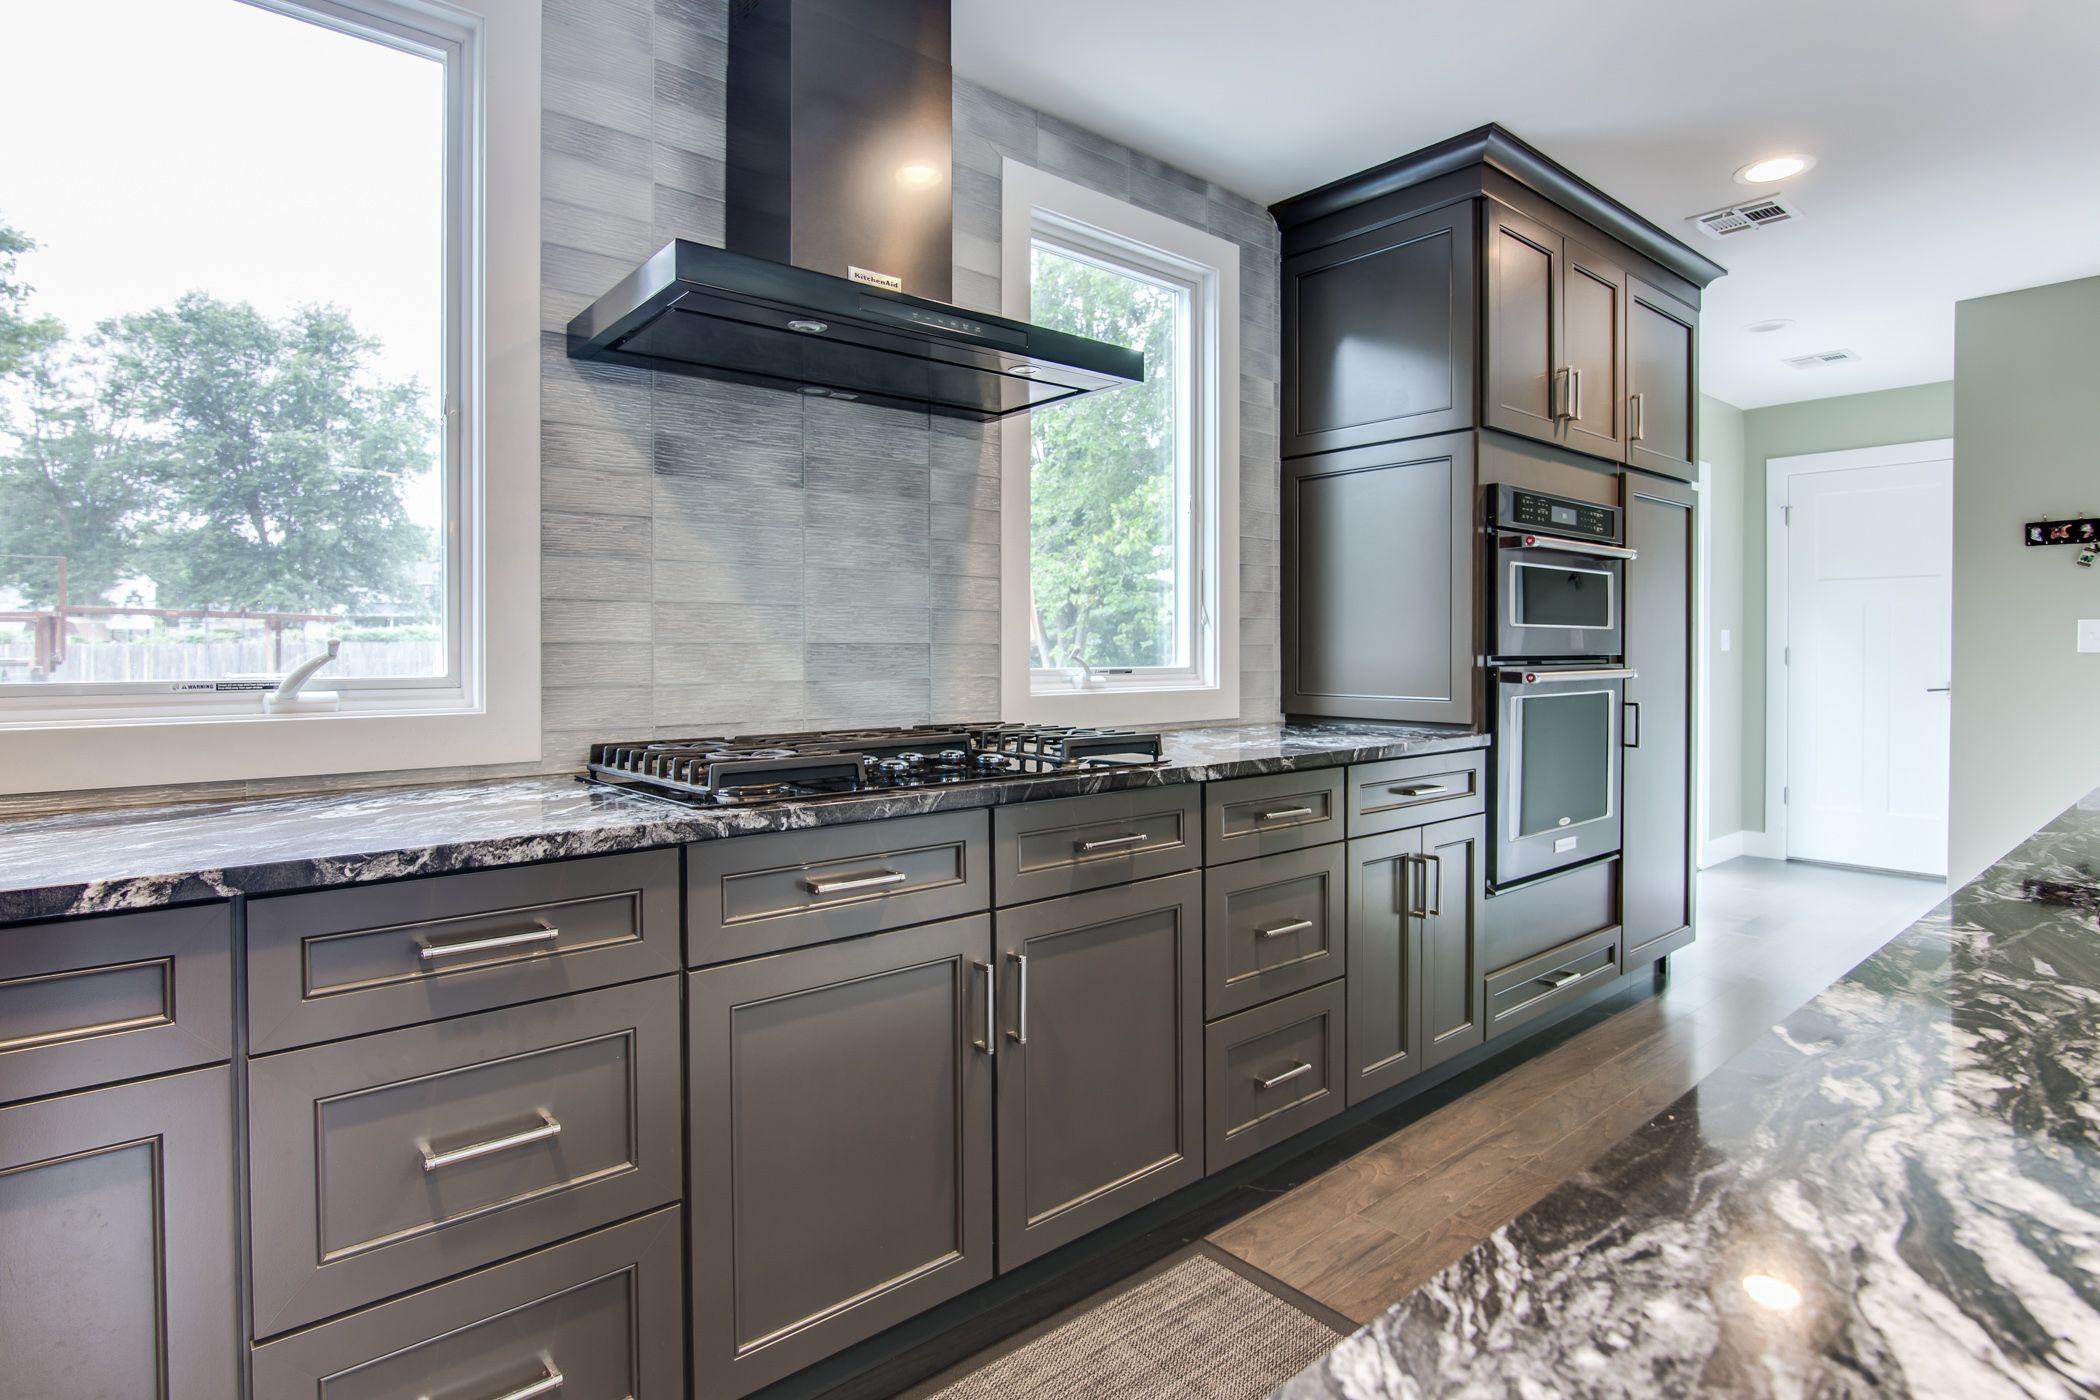 Black Stainless Steel KitchenAid Rangehood In Between Windows In A - Stainless kitchen design